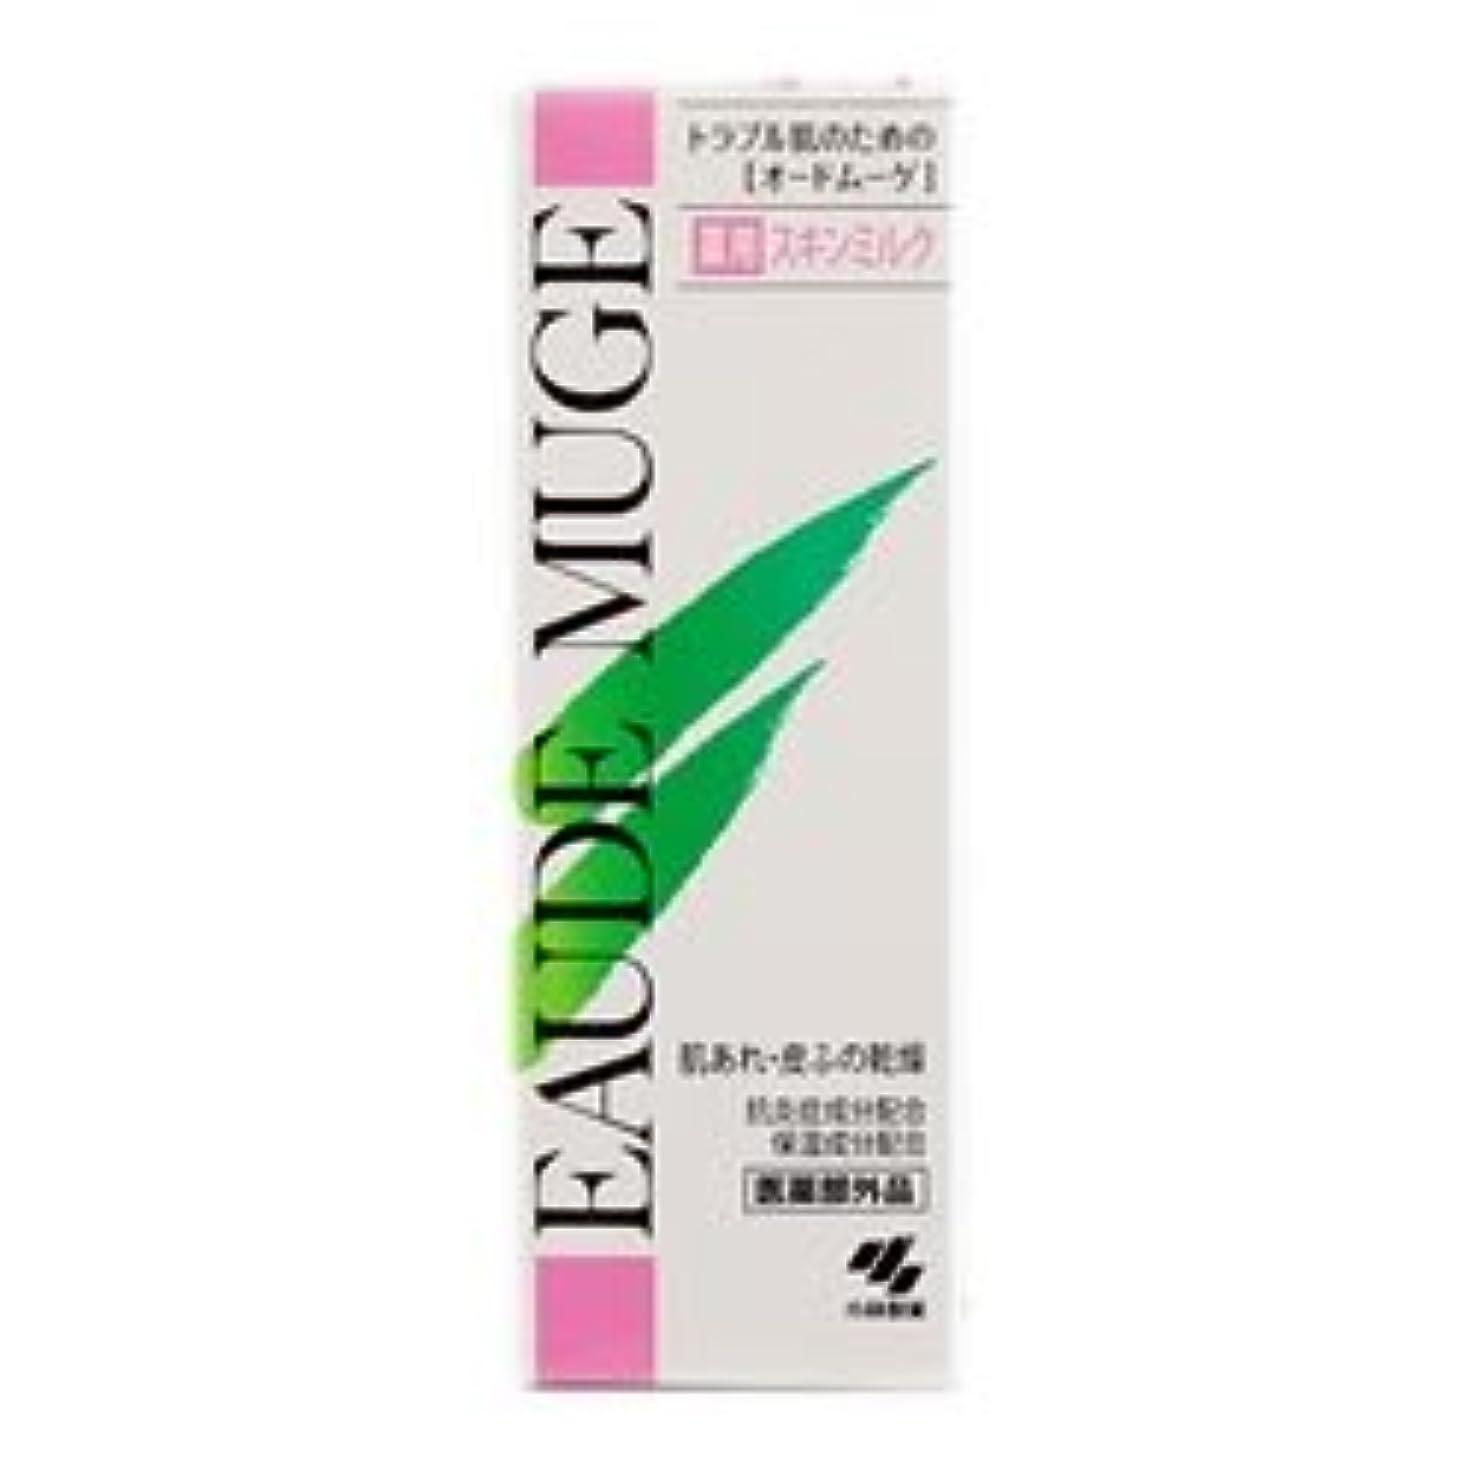 プラスビジネススラッシュ【小林製薬】オードムーゲ薬用スキンミルク 100g ×3個セット